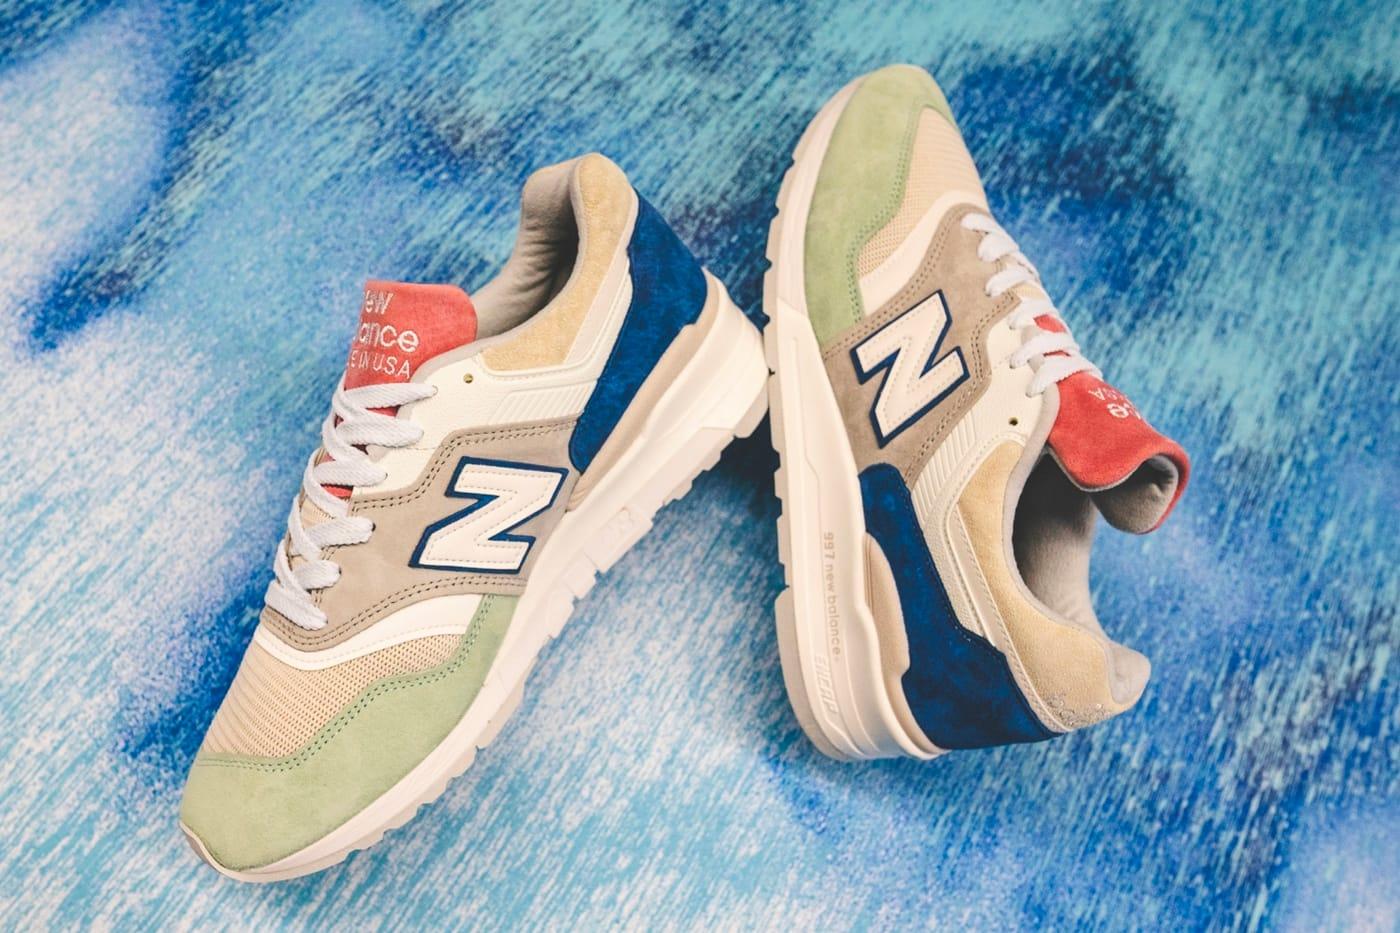 new balance 997h made in usa